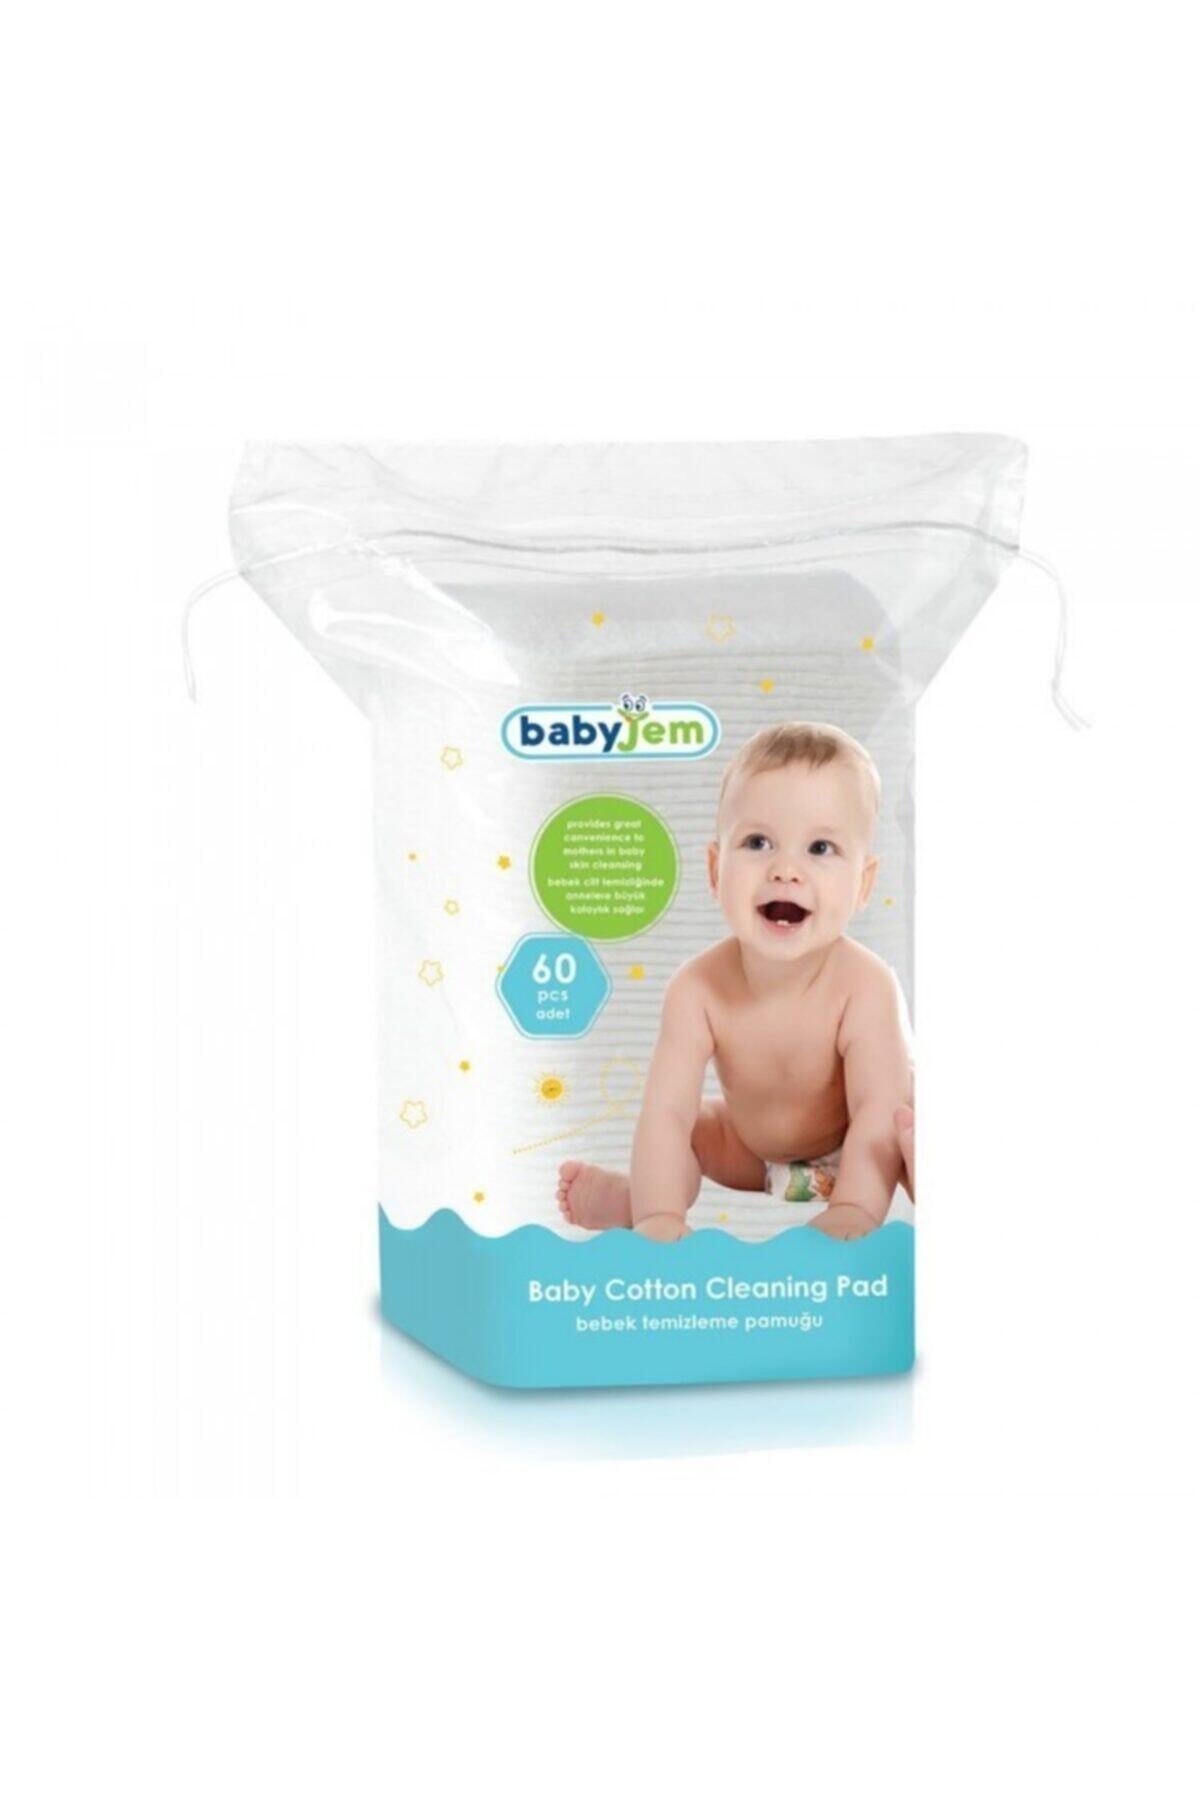 Babyjem Bebek Temizleme Pamuğu 1